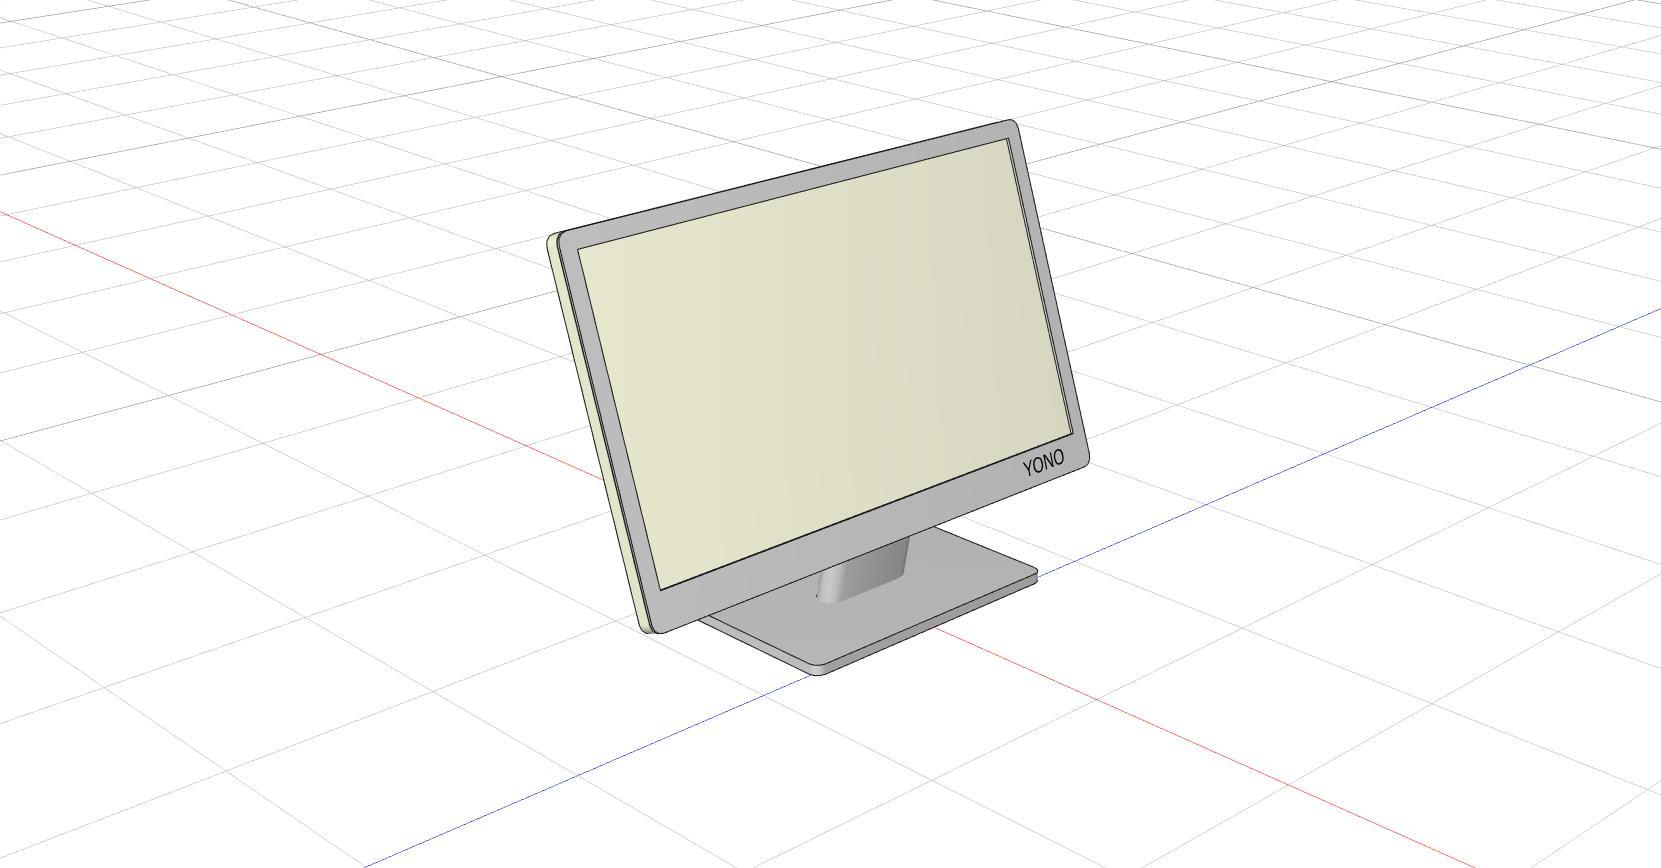 パーツ5 PCモニター24インチを書きました